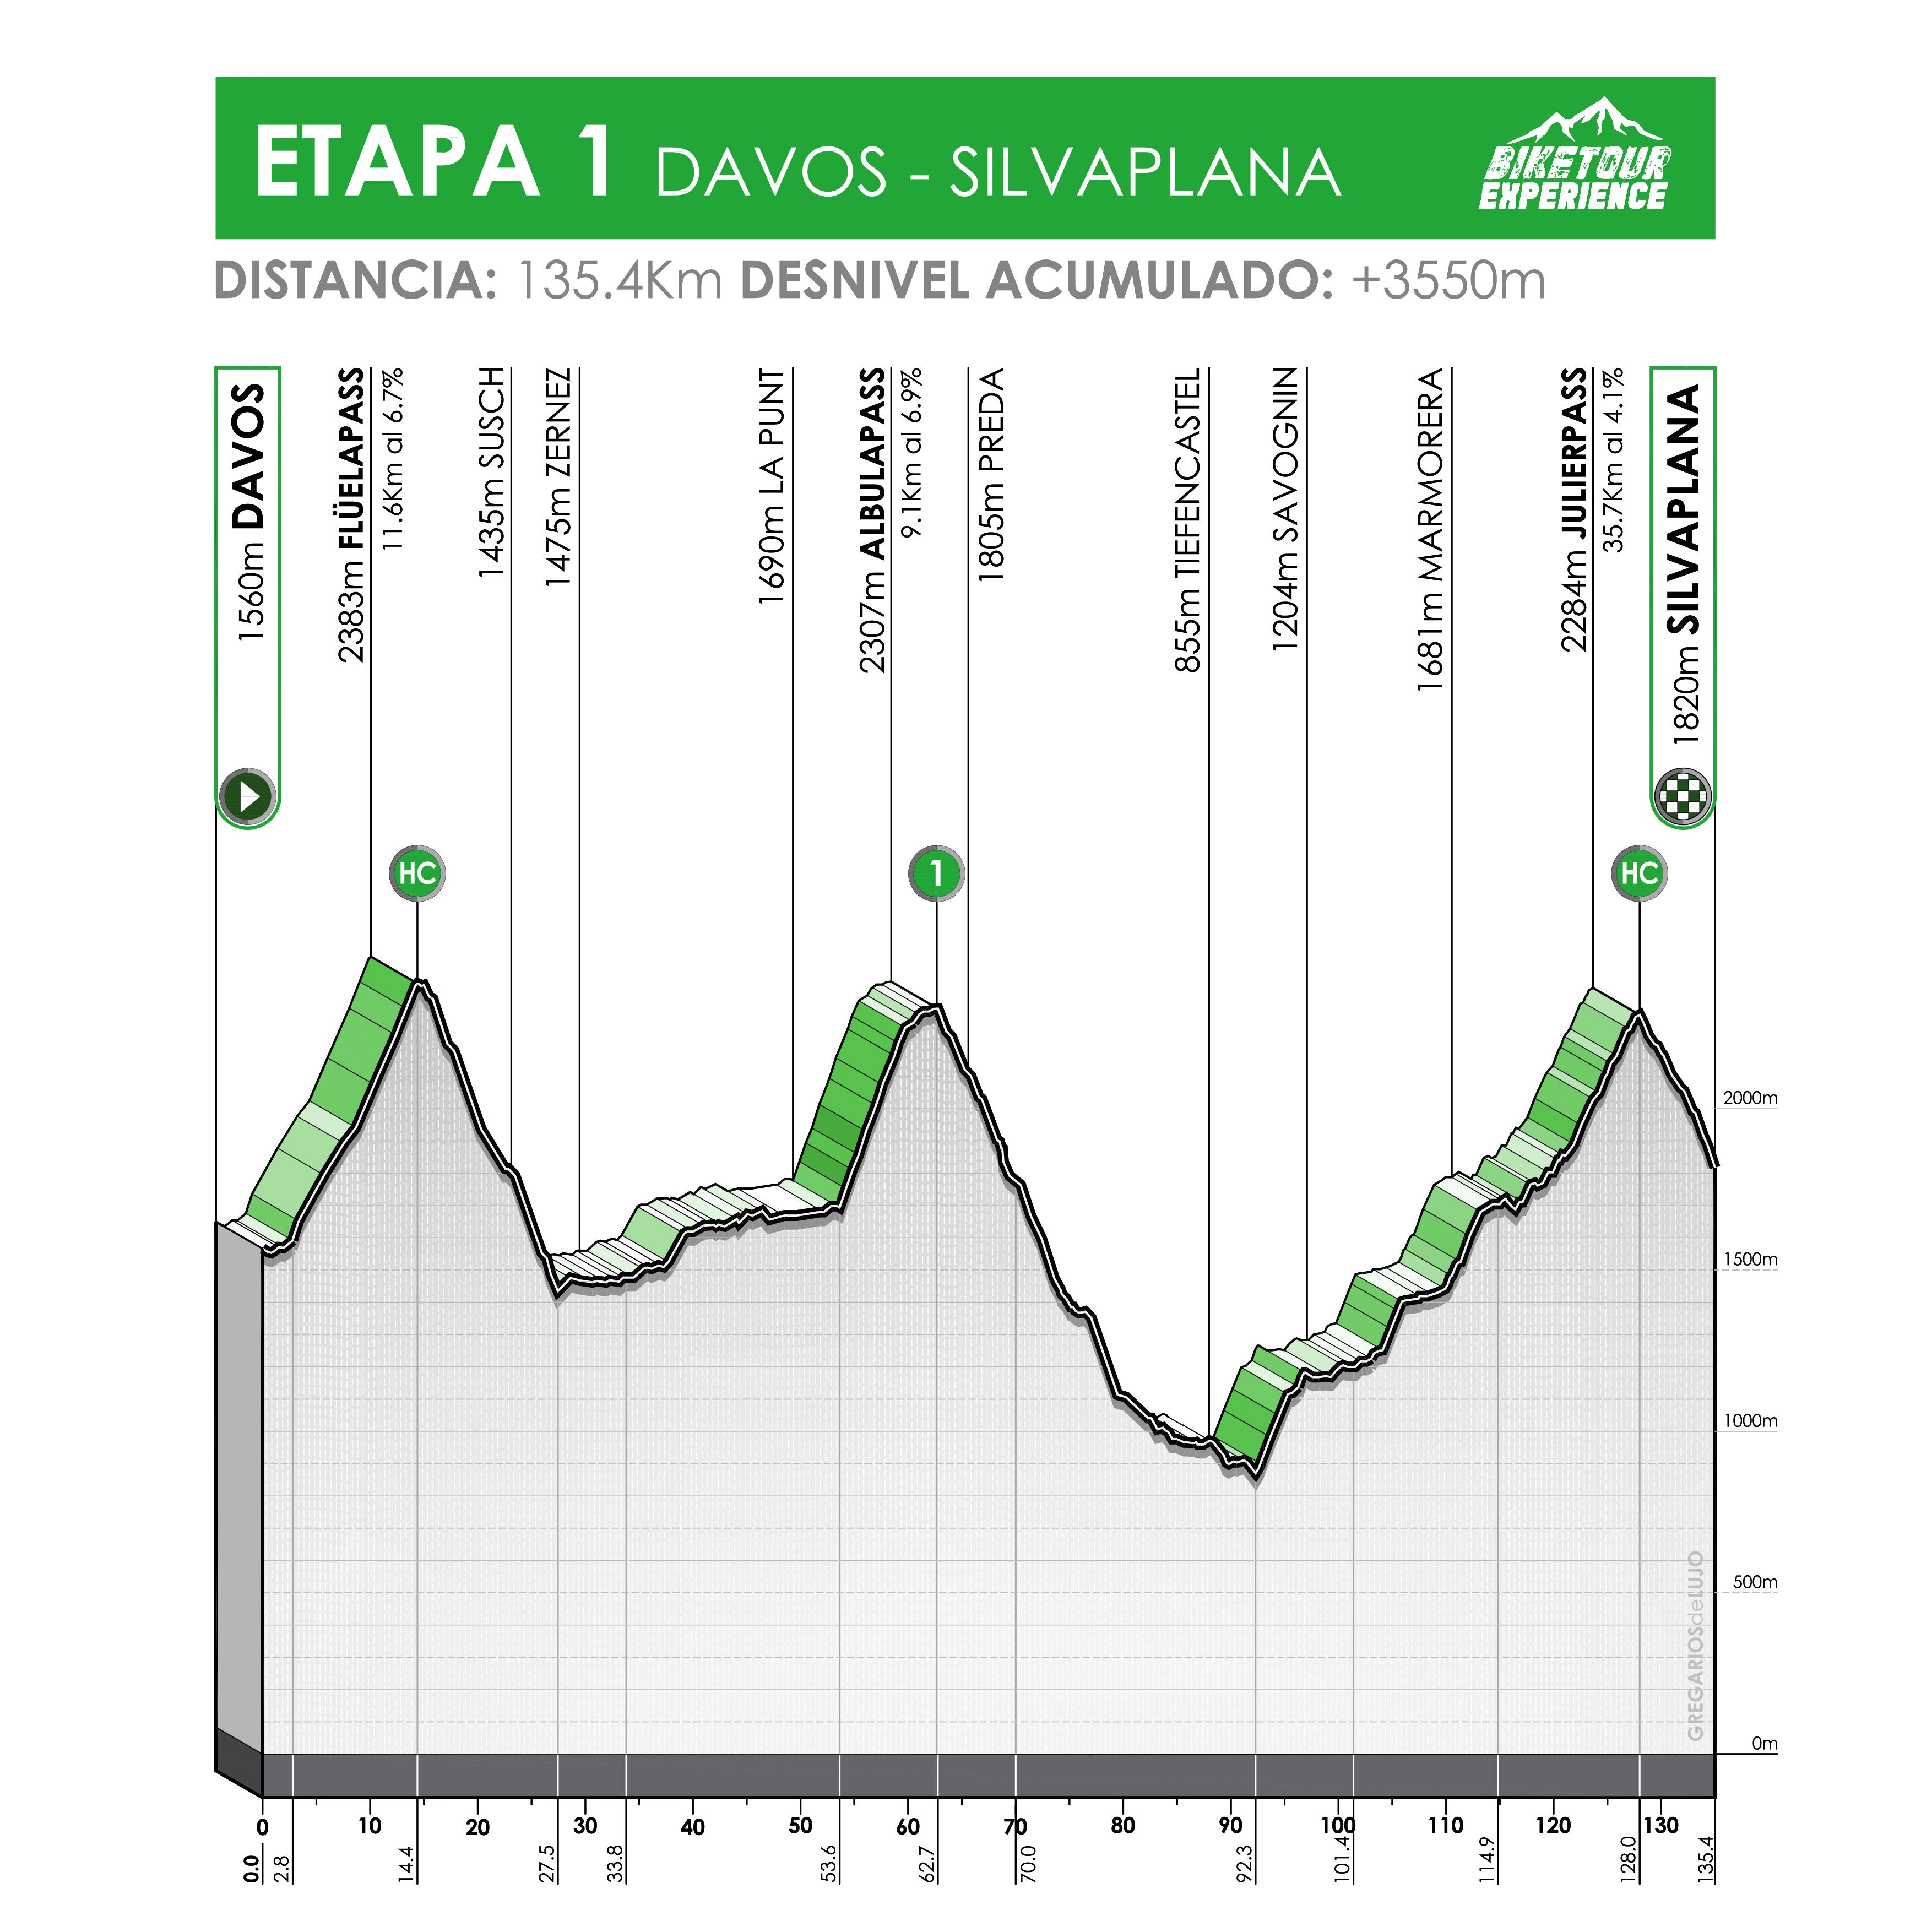 Altimetría cicloturismo en suiza - desde Davos a Silvaplana